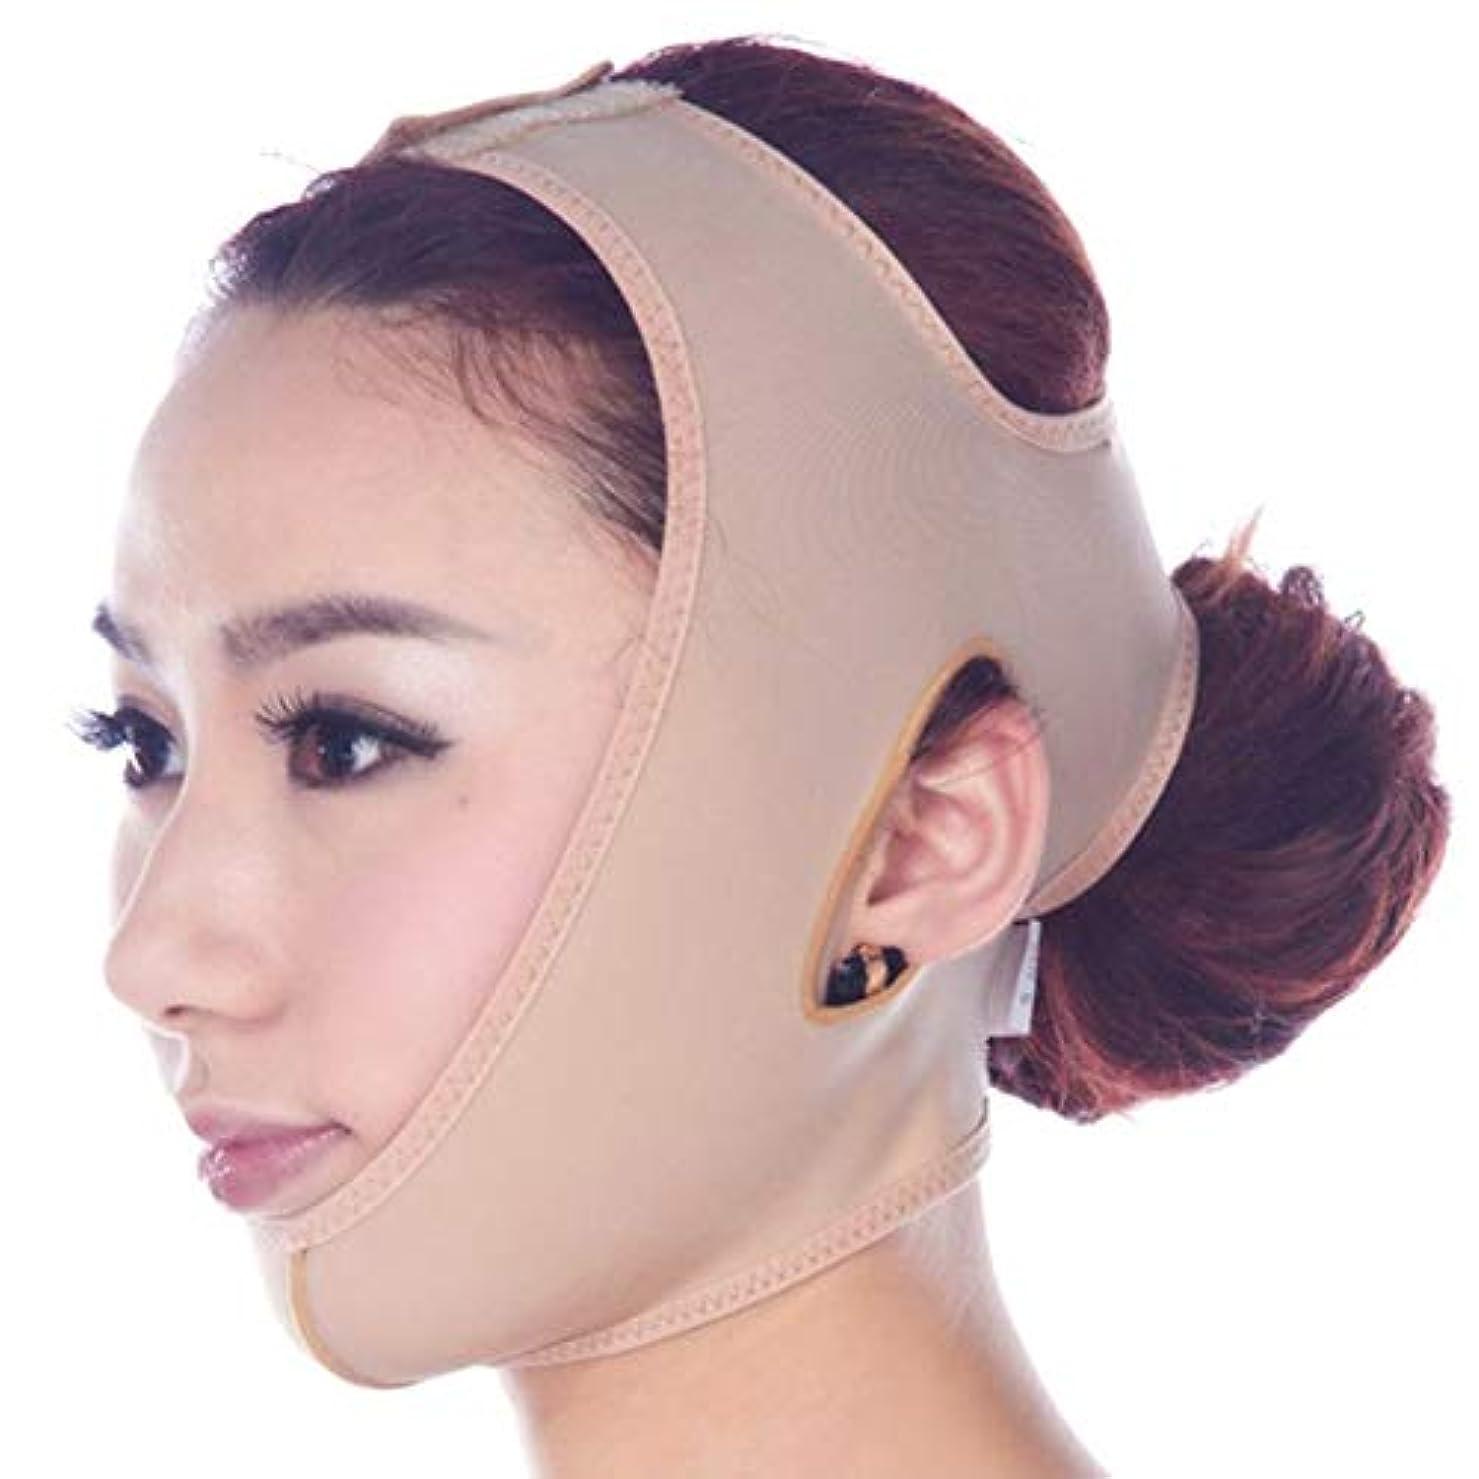 出撃者水素名誉フェイスリフトアップベルトマスク痩身包帯スキンケアシェイパーは、二重顎Thiningバンドを減らします,S